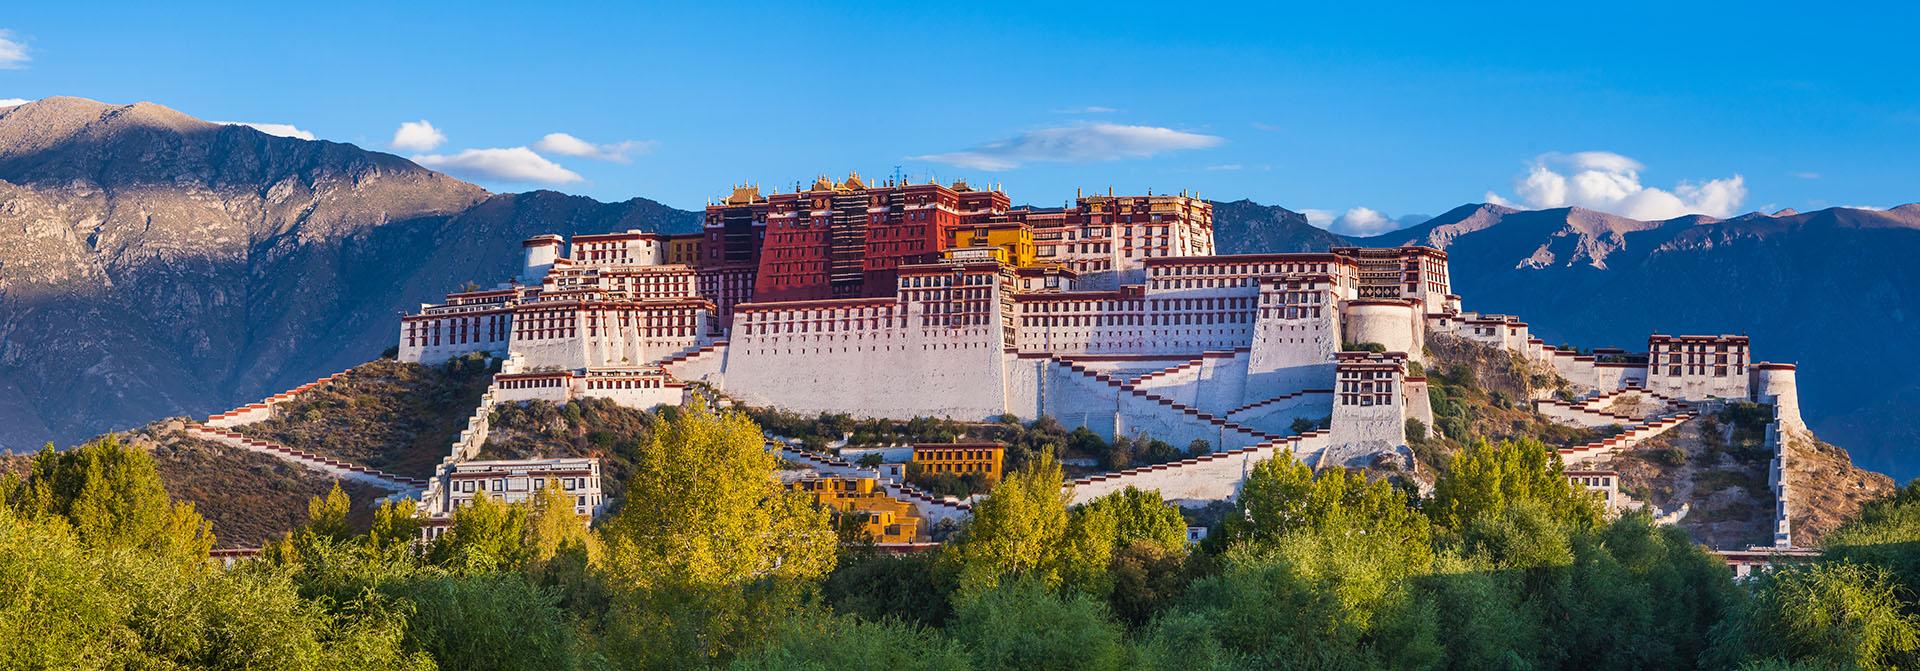 En las montañas del Himalaya y a más de 3.700 metros sobre el nivel del mar, se alza el Palacio de Potala, una majestuosa estructura que ha sido la residencia del Dalai Lama por más de 300 años